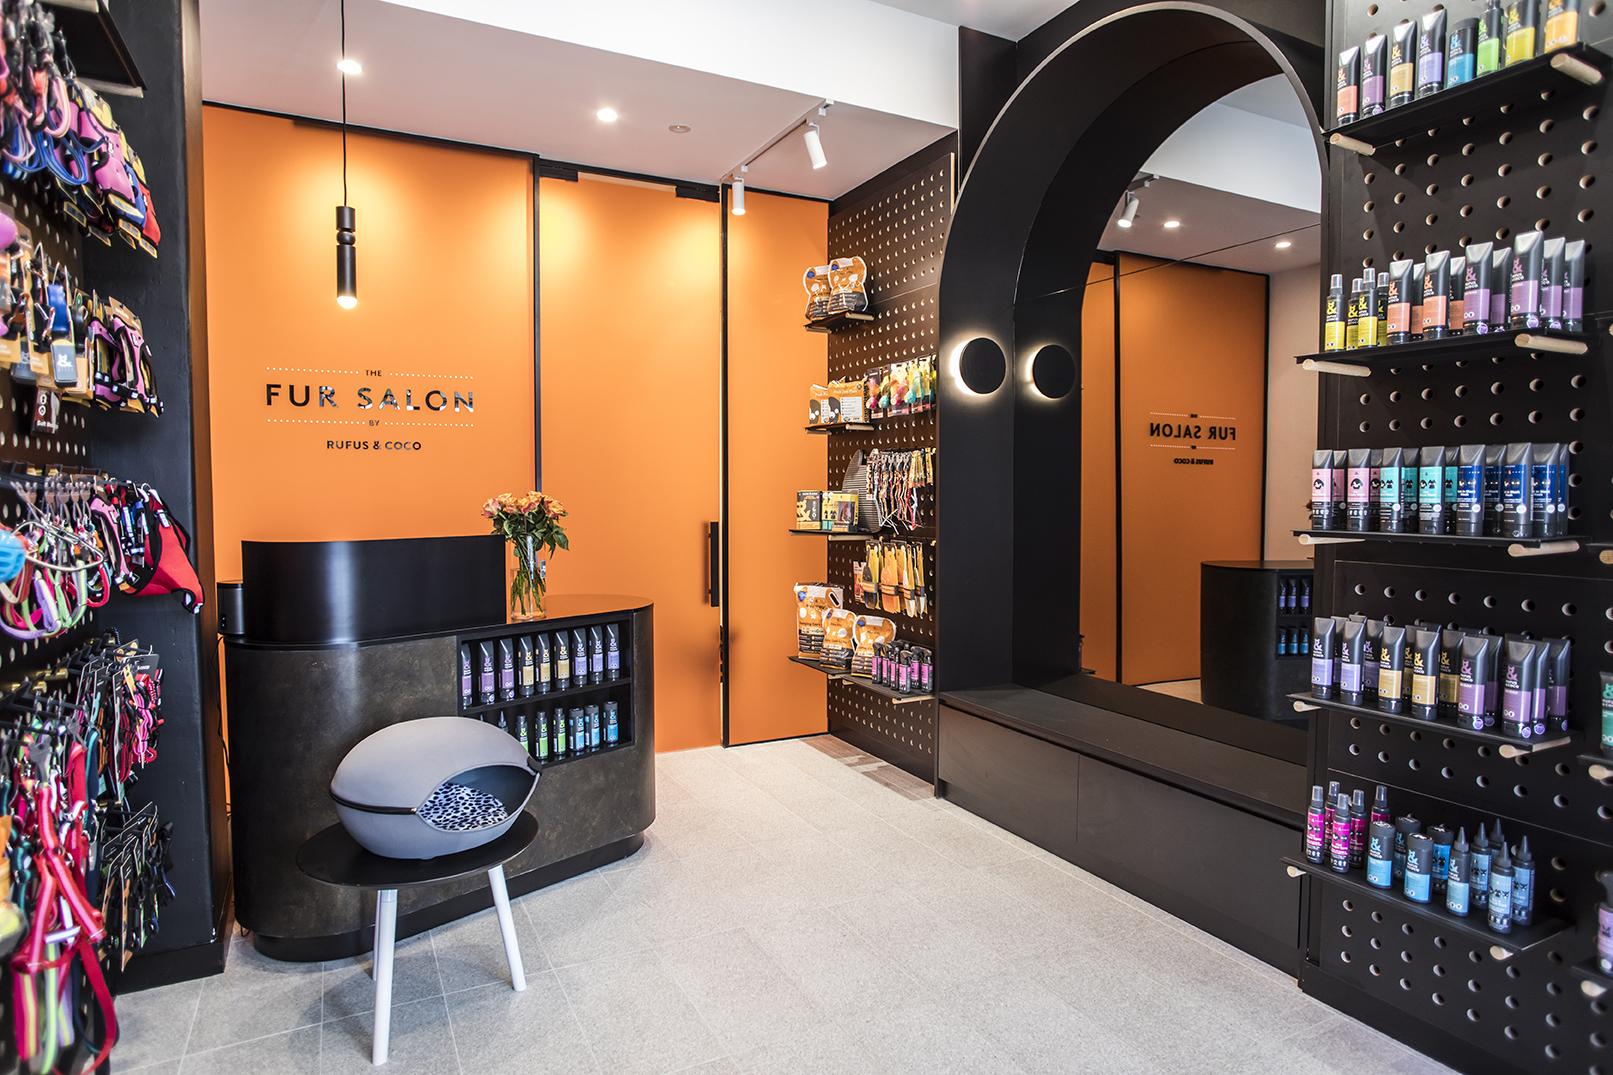 The Fur Salon -